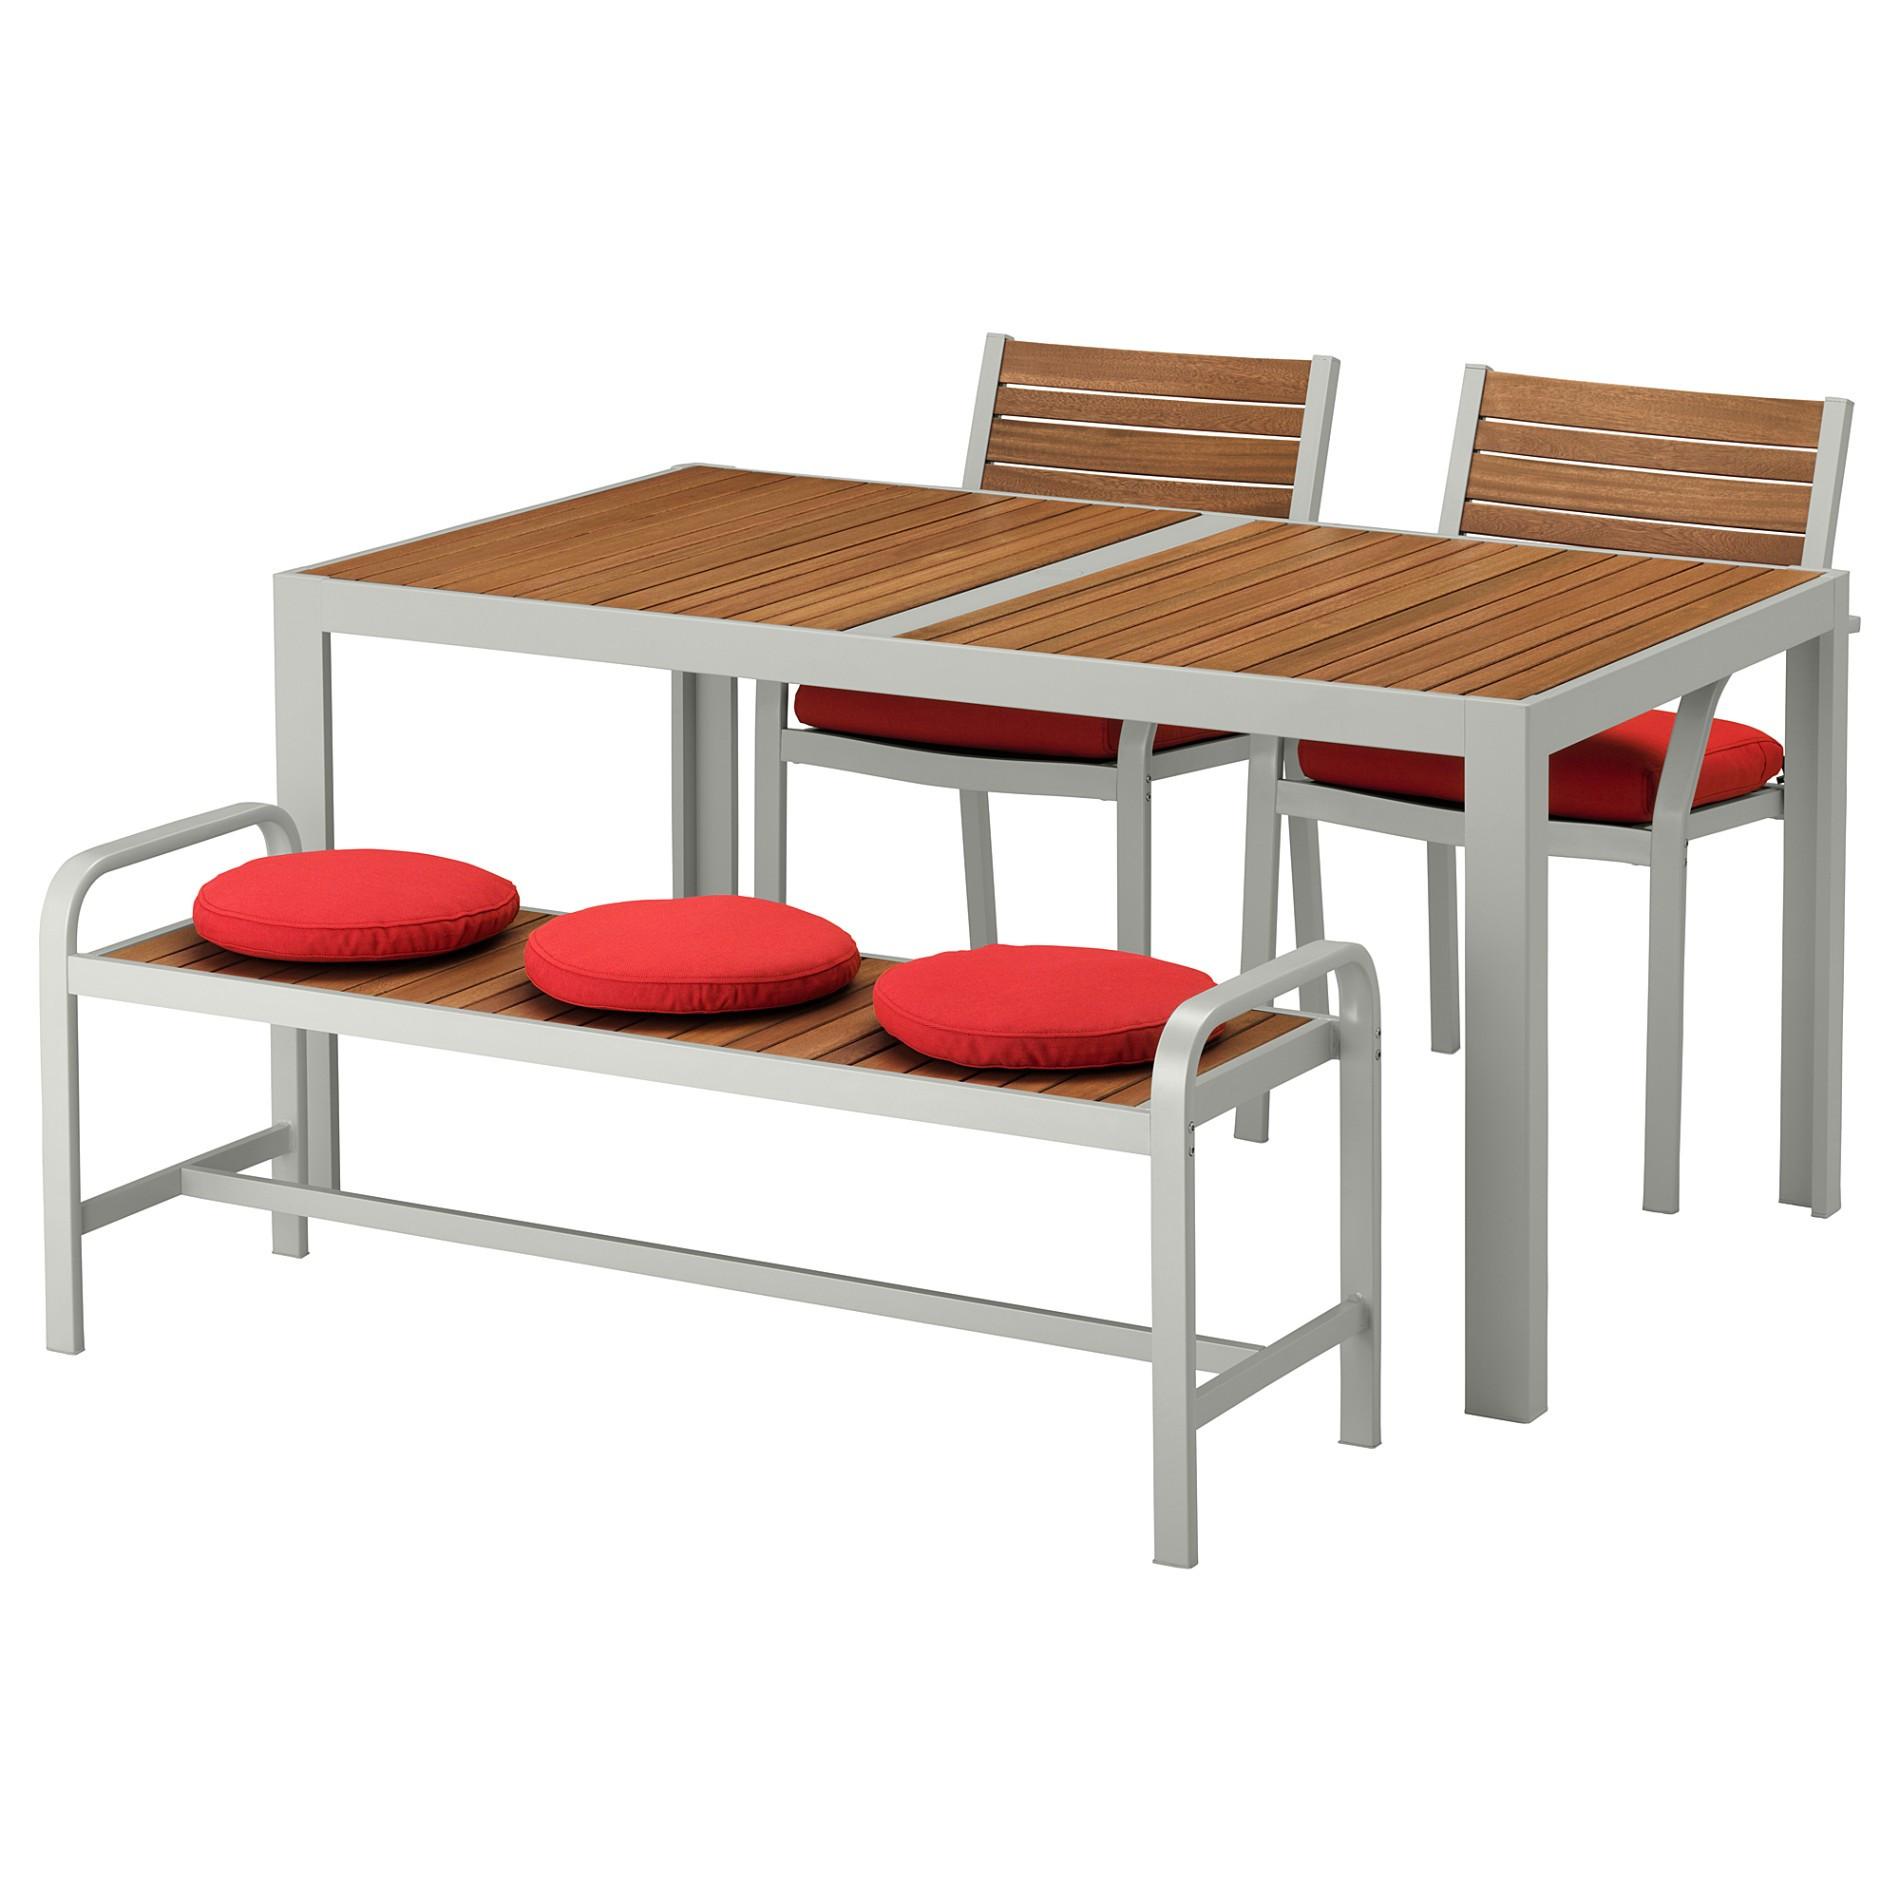 Full Size of Ikea Sessel Holz Sofa Elegant Unglaublich Holzregal Küche Alu Fenster Esstische Betten Massivholz Mit Holzfüßen Esstisch Modulküche Weiß Ausziehbar Aus Wohnzimmer Liegestuhl Holz Ikea